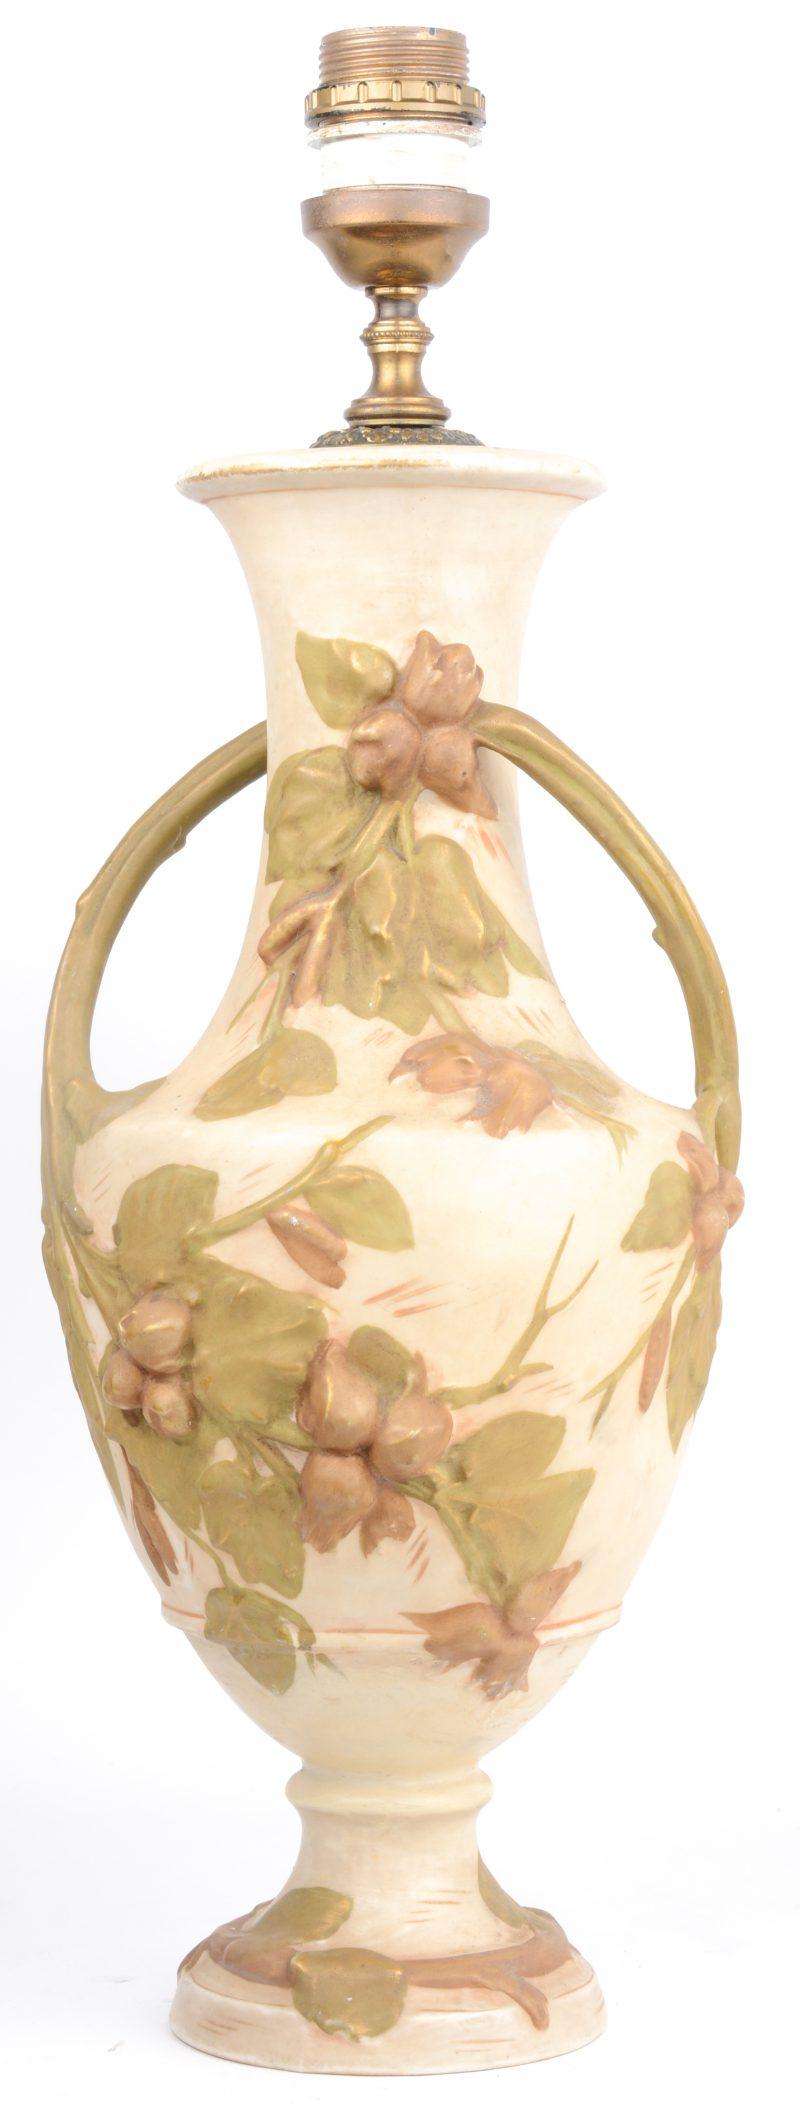 Een siervaas van meerkleurig porselein, versierd met een decor van noten en bladeren in reliëf. Gemonteerd als lampvoet.